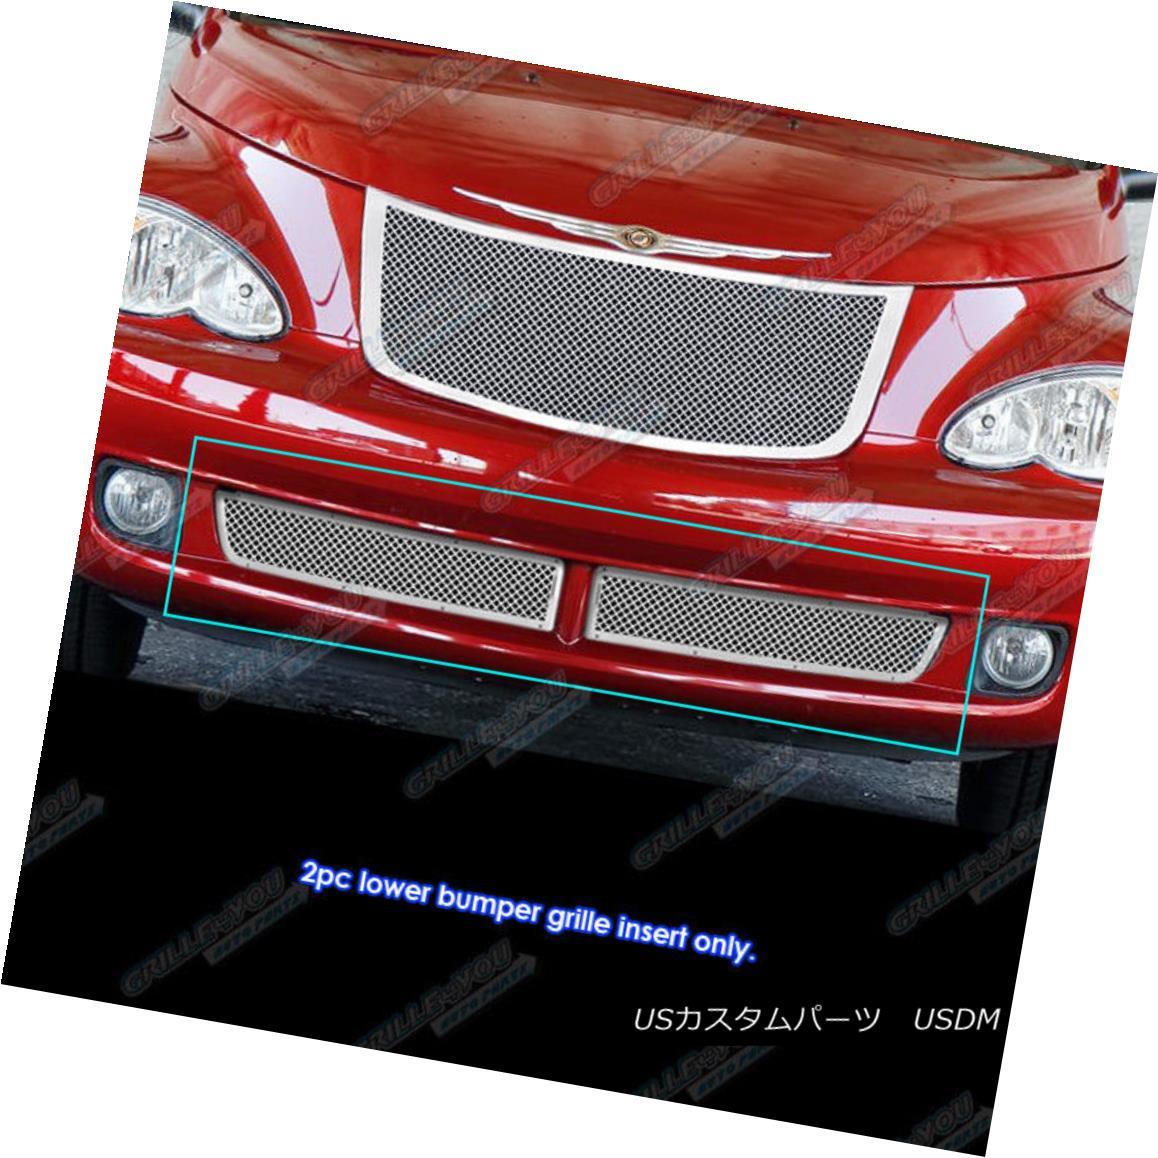 グリル 2006-2010 Chrysler PT Cruiser Bumper Stainless Steel Mesh Grille Grill Insert 2006-2010クライスラーPTクルーザーバンパーステンレスメッシュグリルグリルインサート